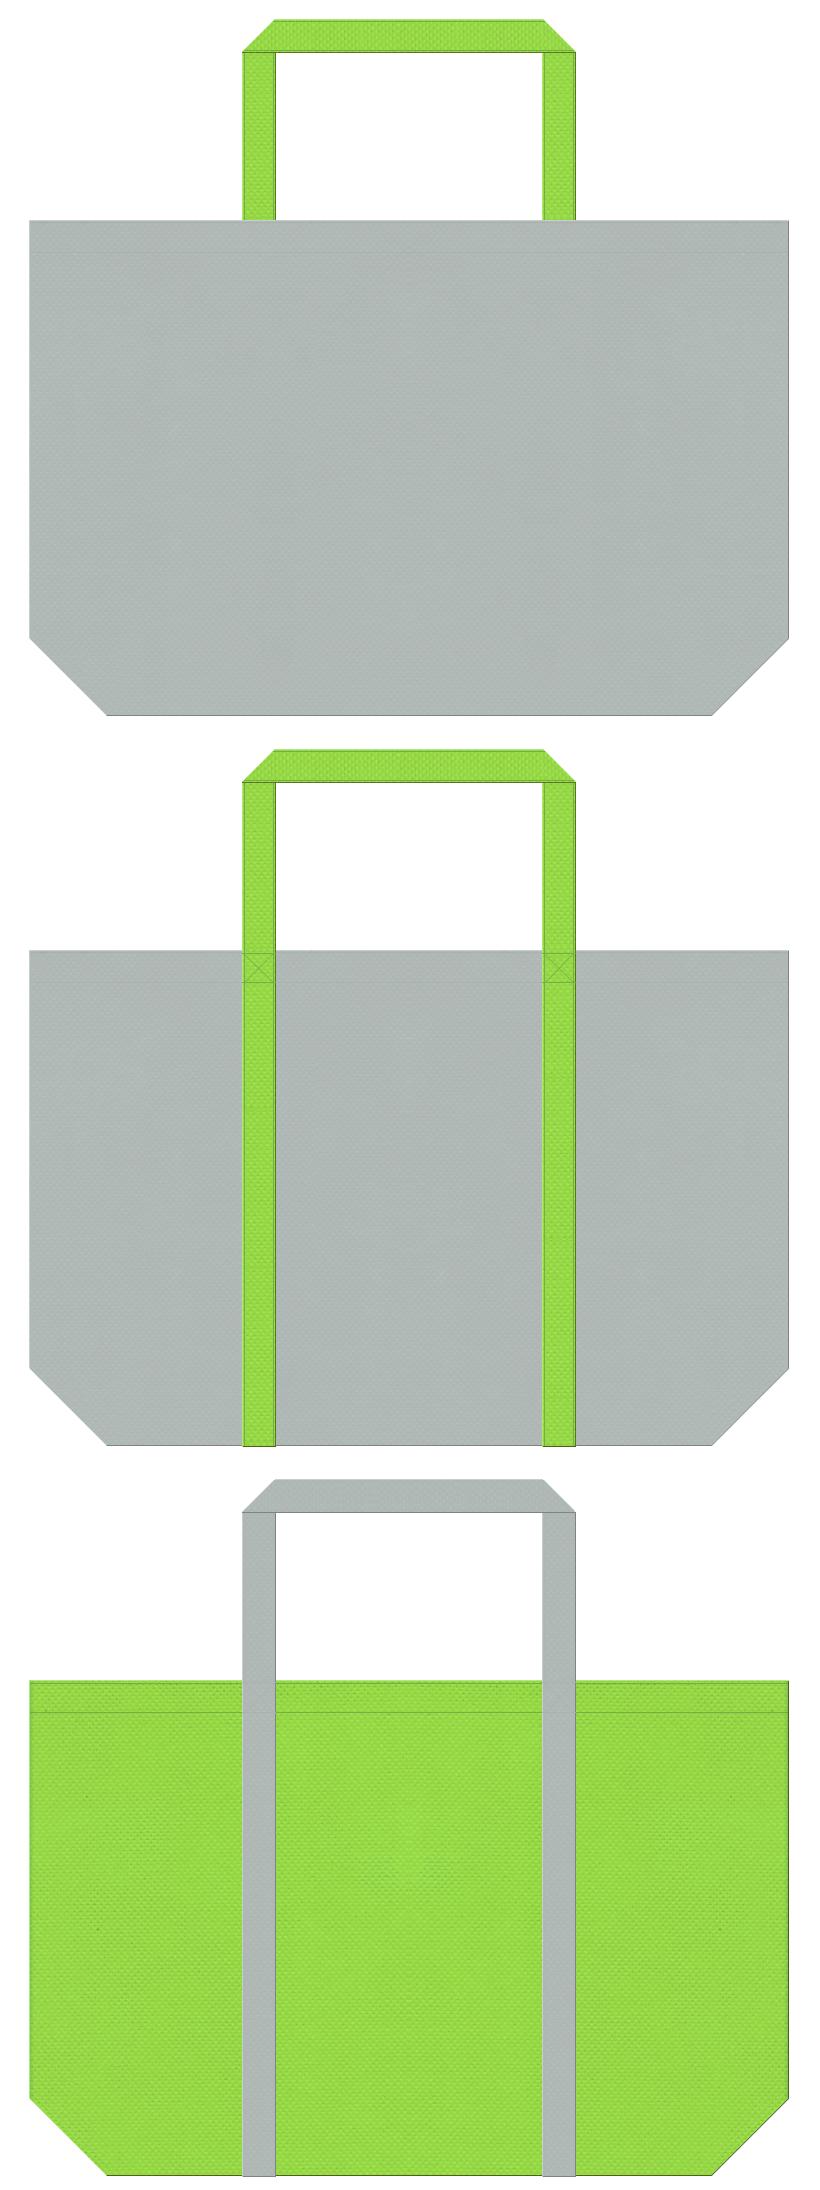 グレー色と黄緑色の不織布エコバッグのデザイン。屋上緑化・壁面緑化の展示会用バッグにお奨めです。